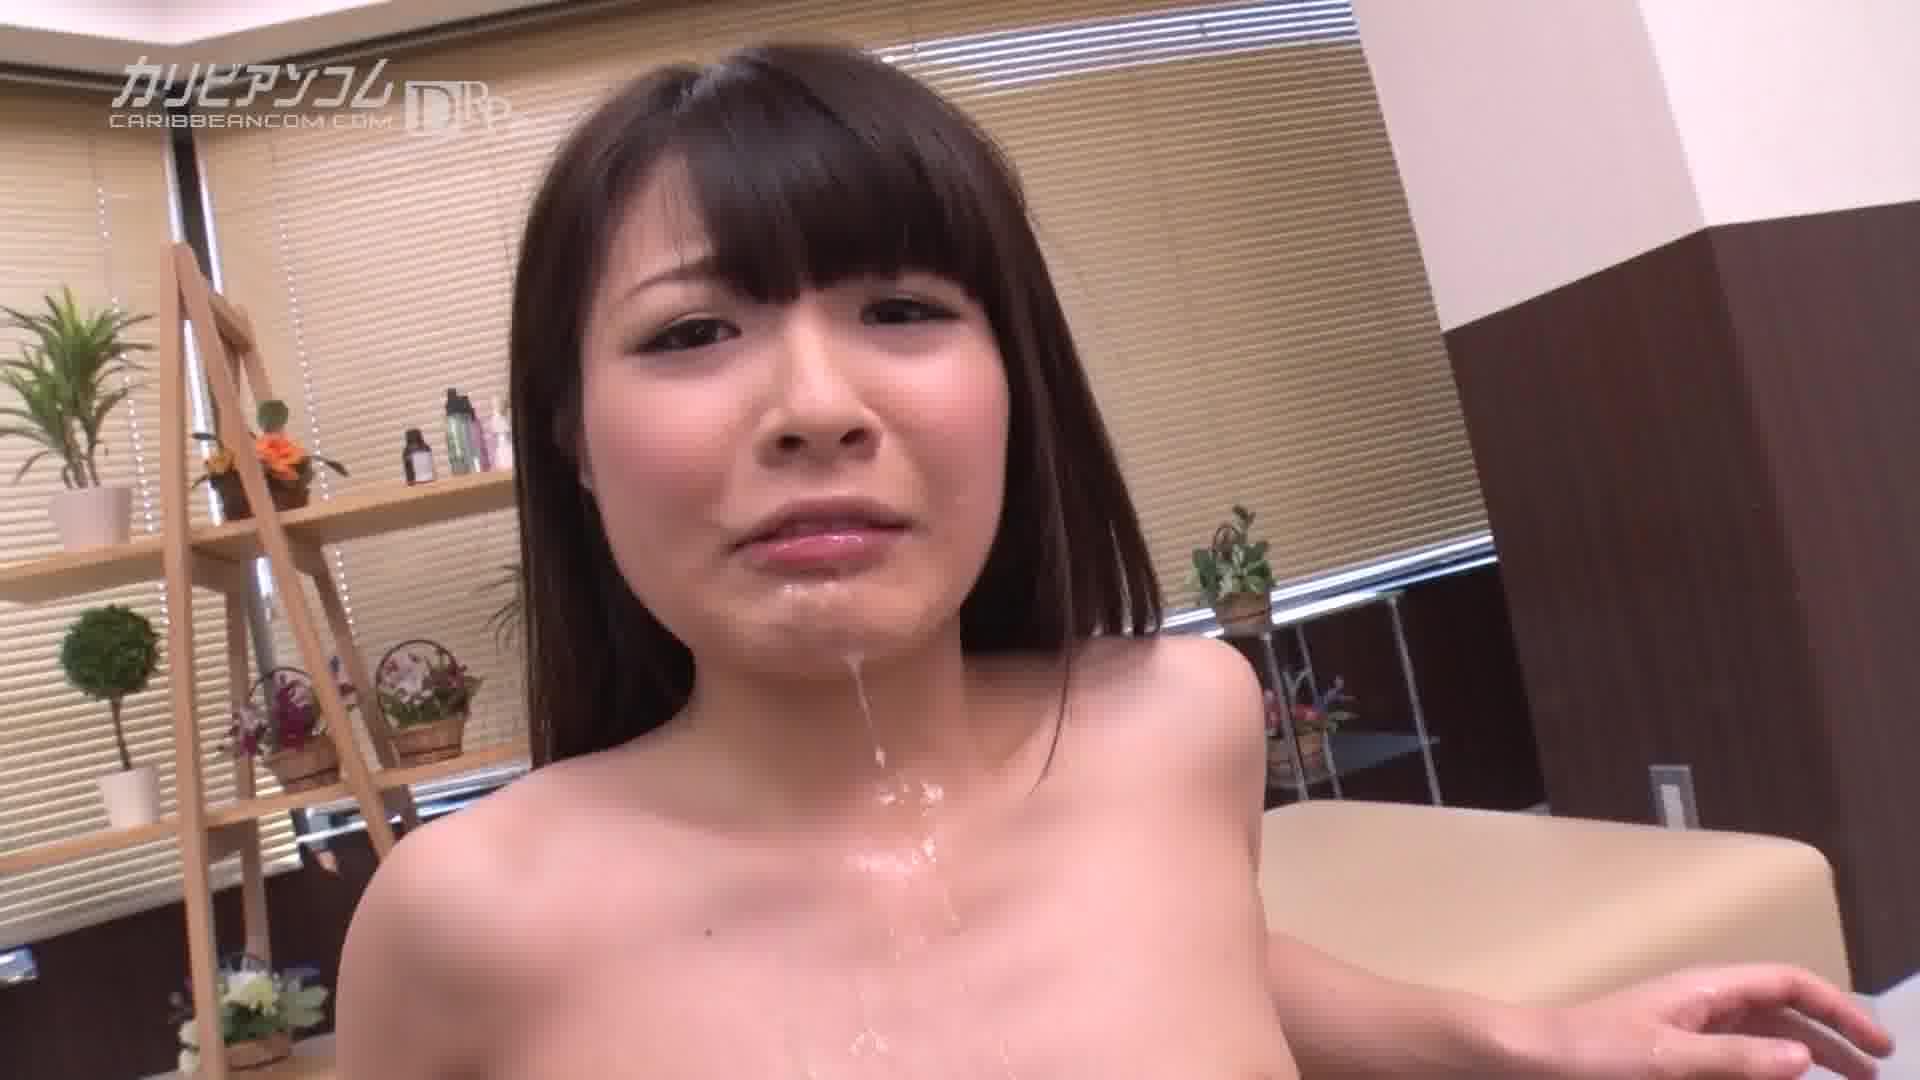 スカイエンジェル 197 パート 2 - 長谷川夏樹【コスプレ・潮吹き・スレンダー】